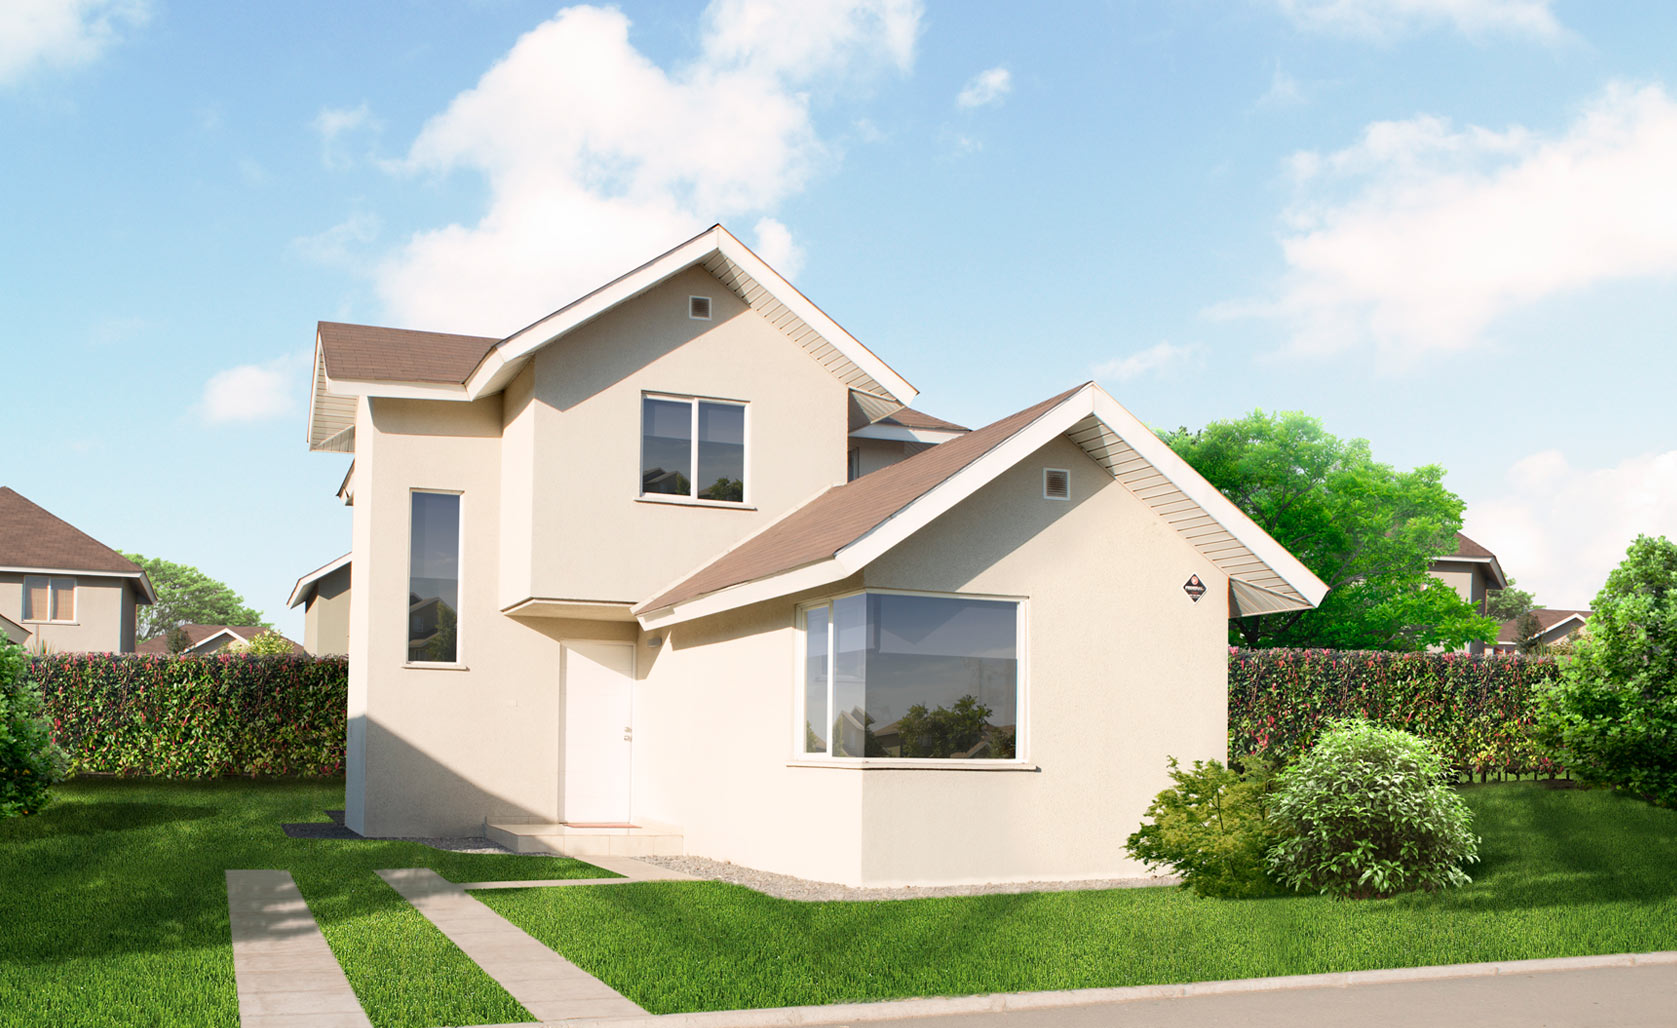 Estancia liray pabell n de la construcci n portal - Proyecto de casas ...